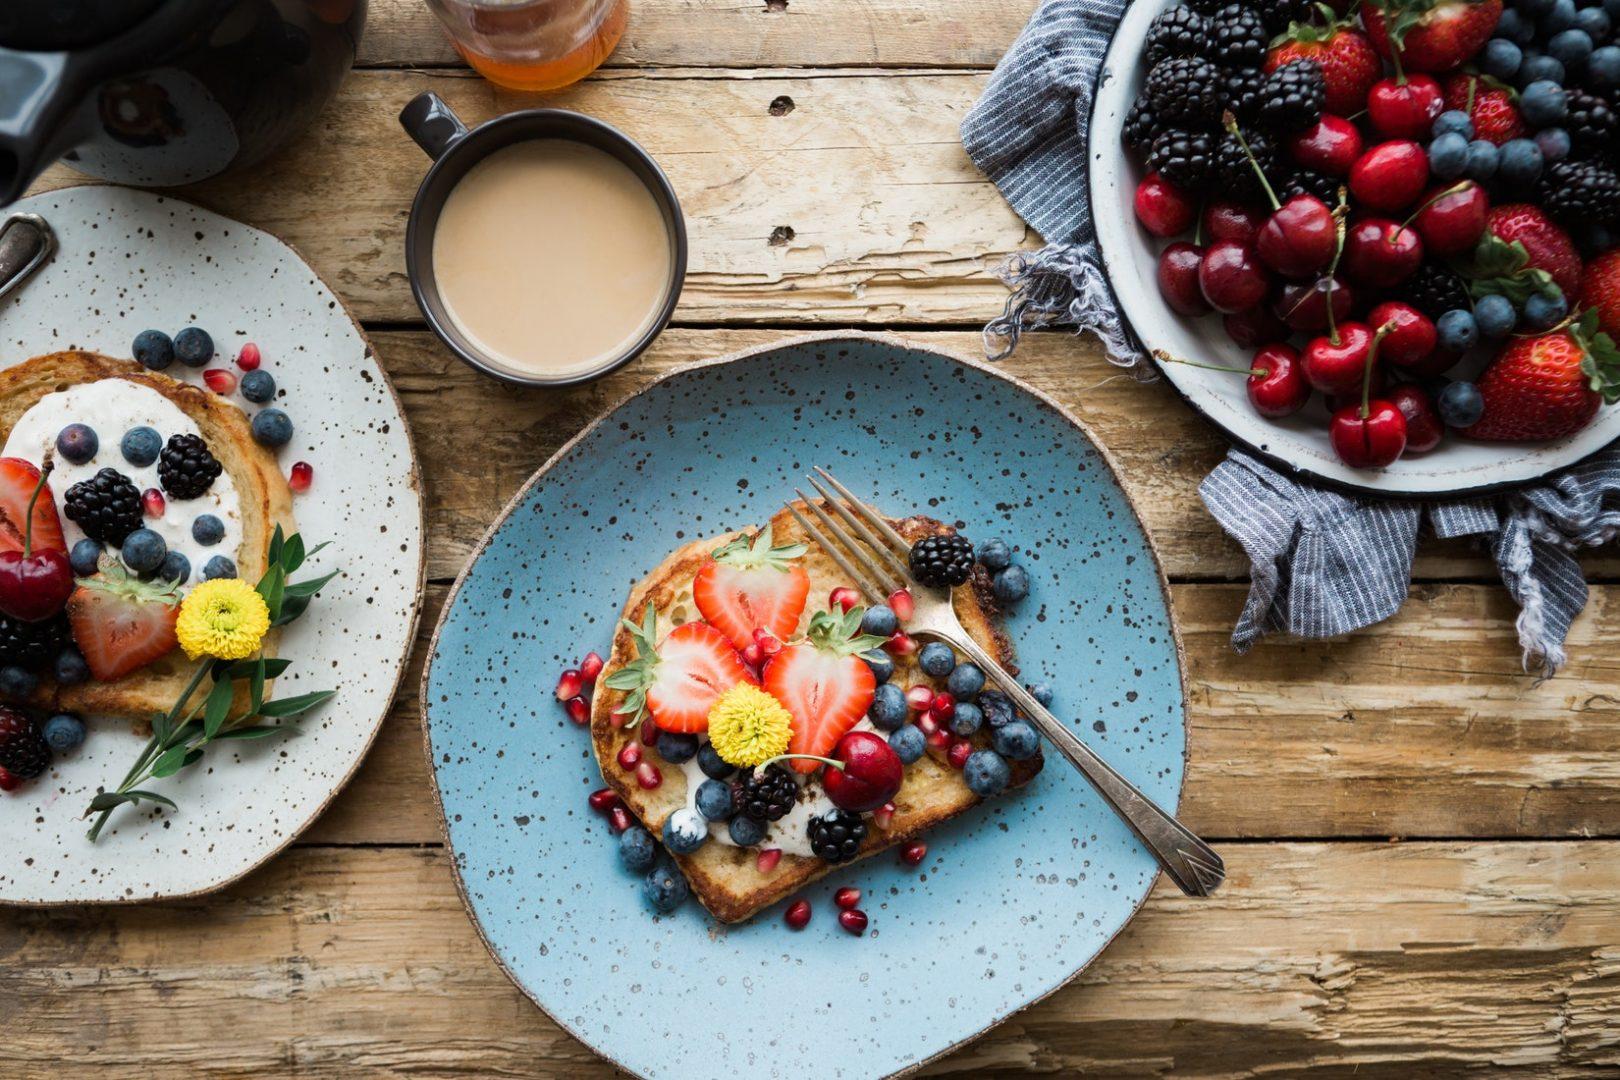 Ein Bild von einem gesundem Frühstück auf einem Holztisch